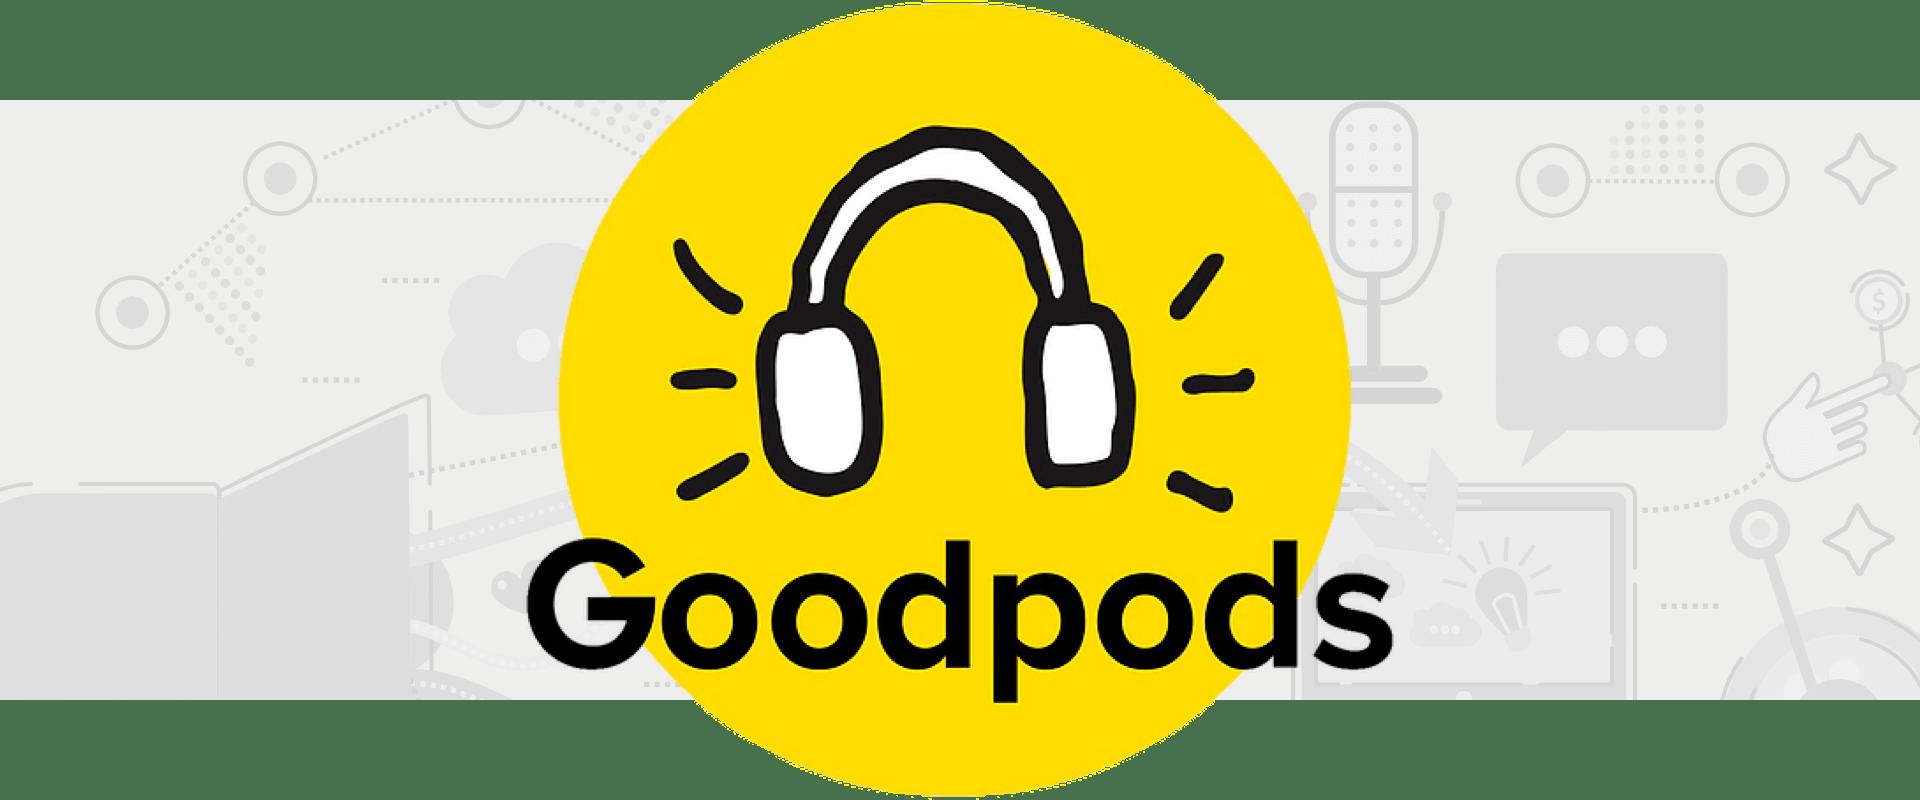 Goodpods logo